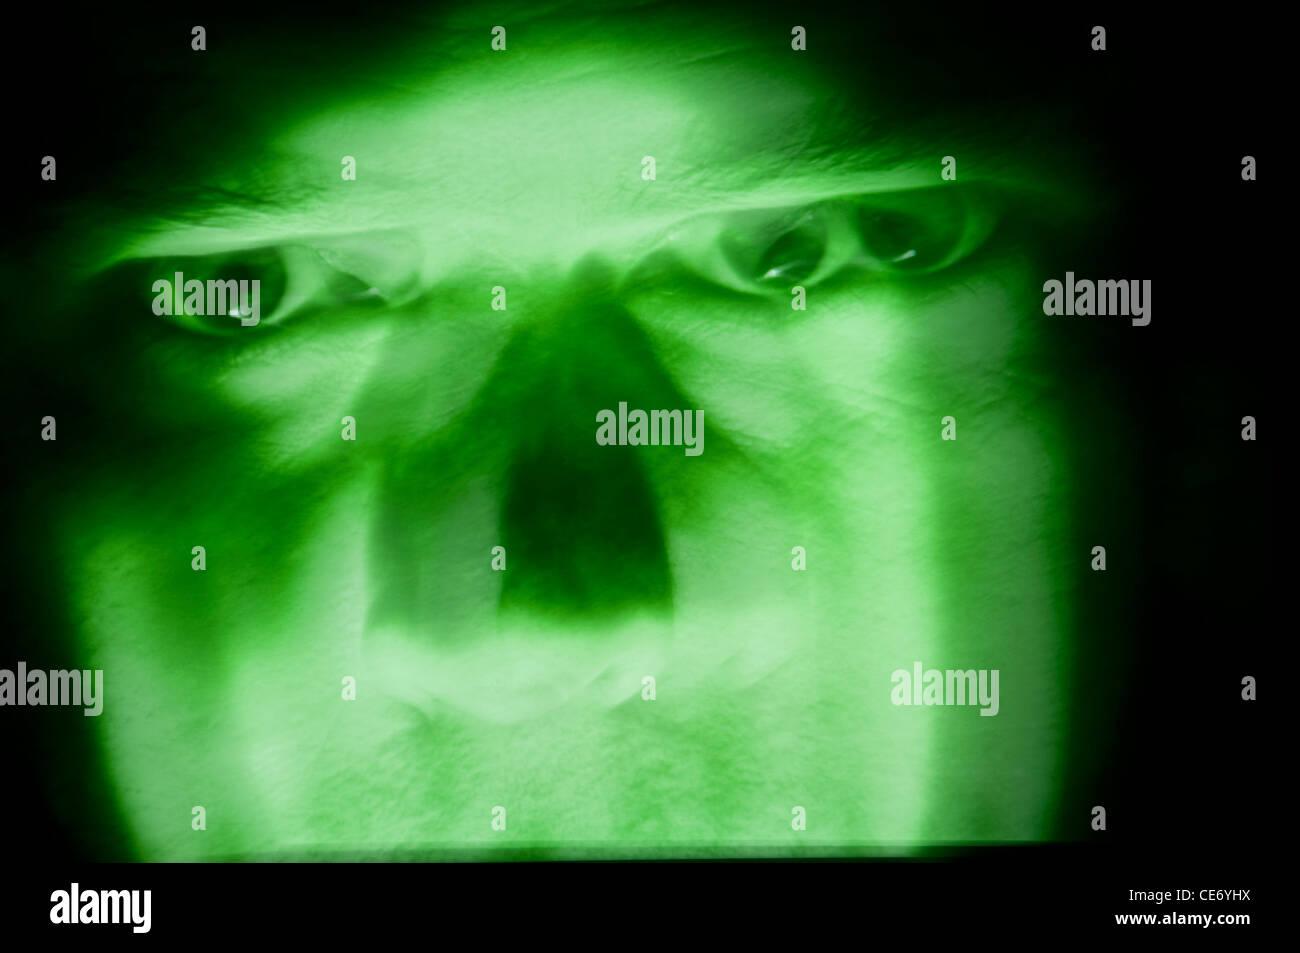 green evil menacing face - Stock Image